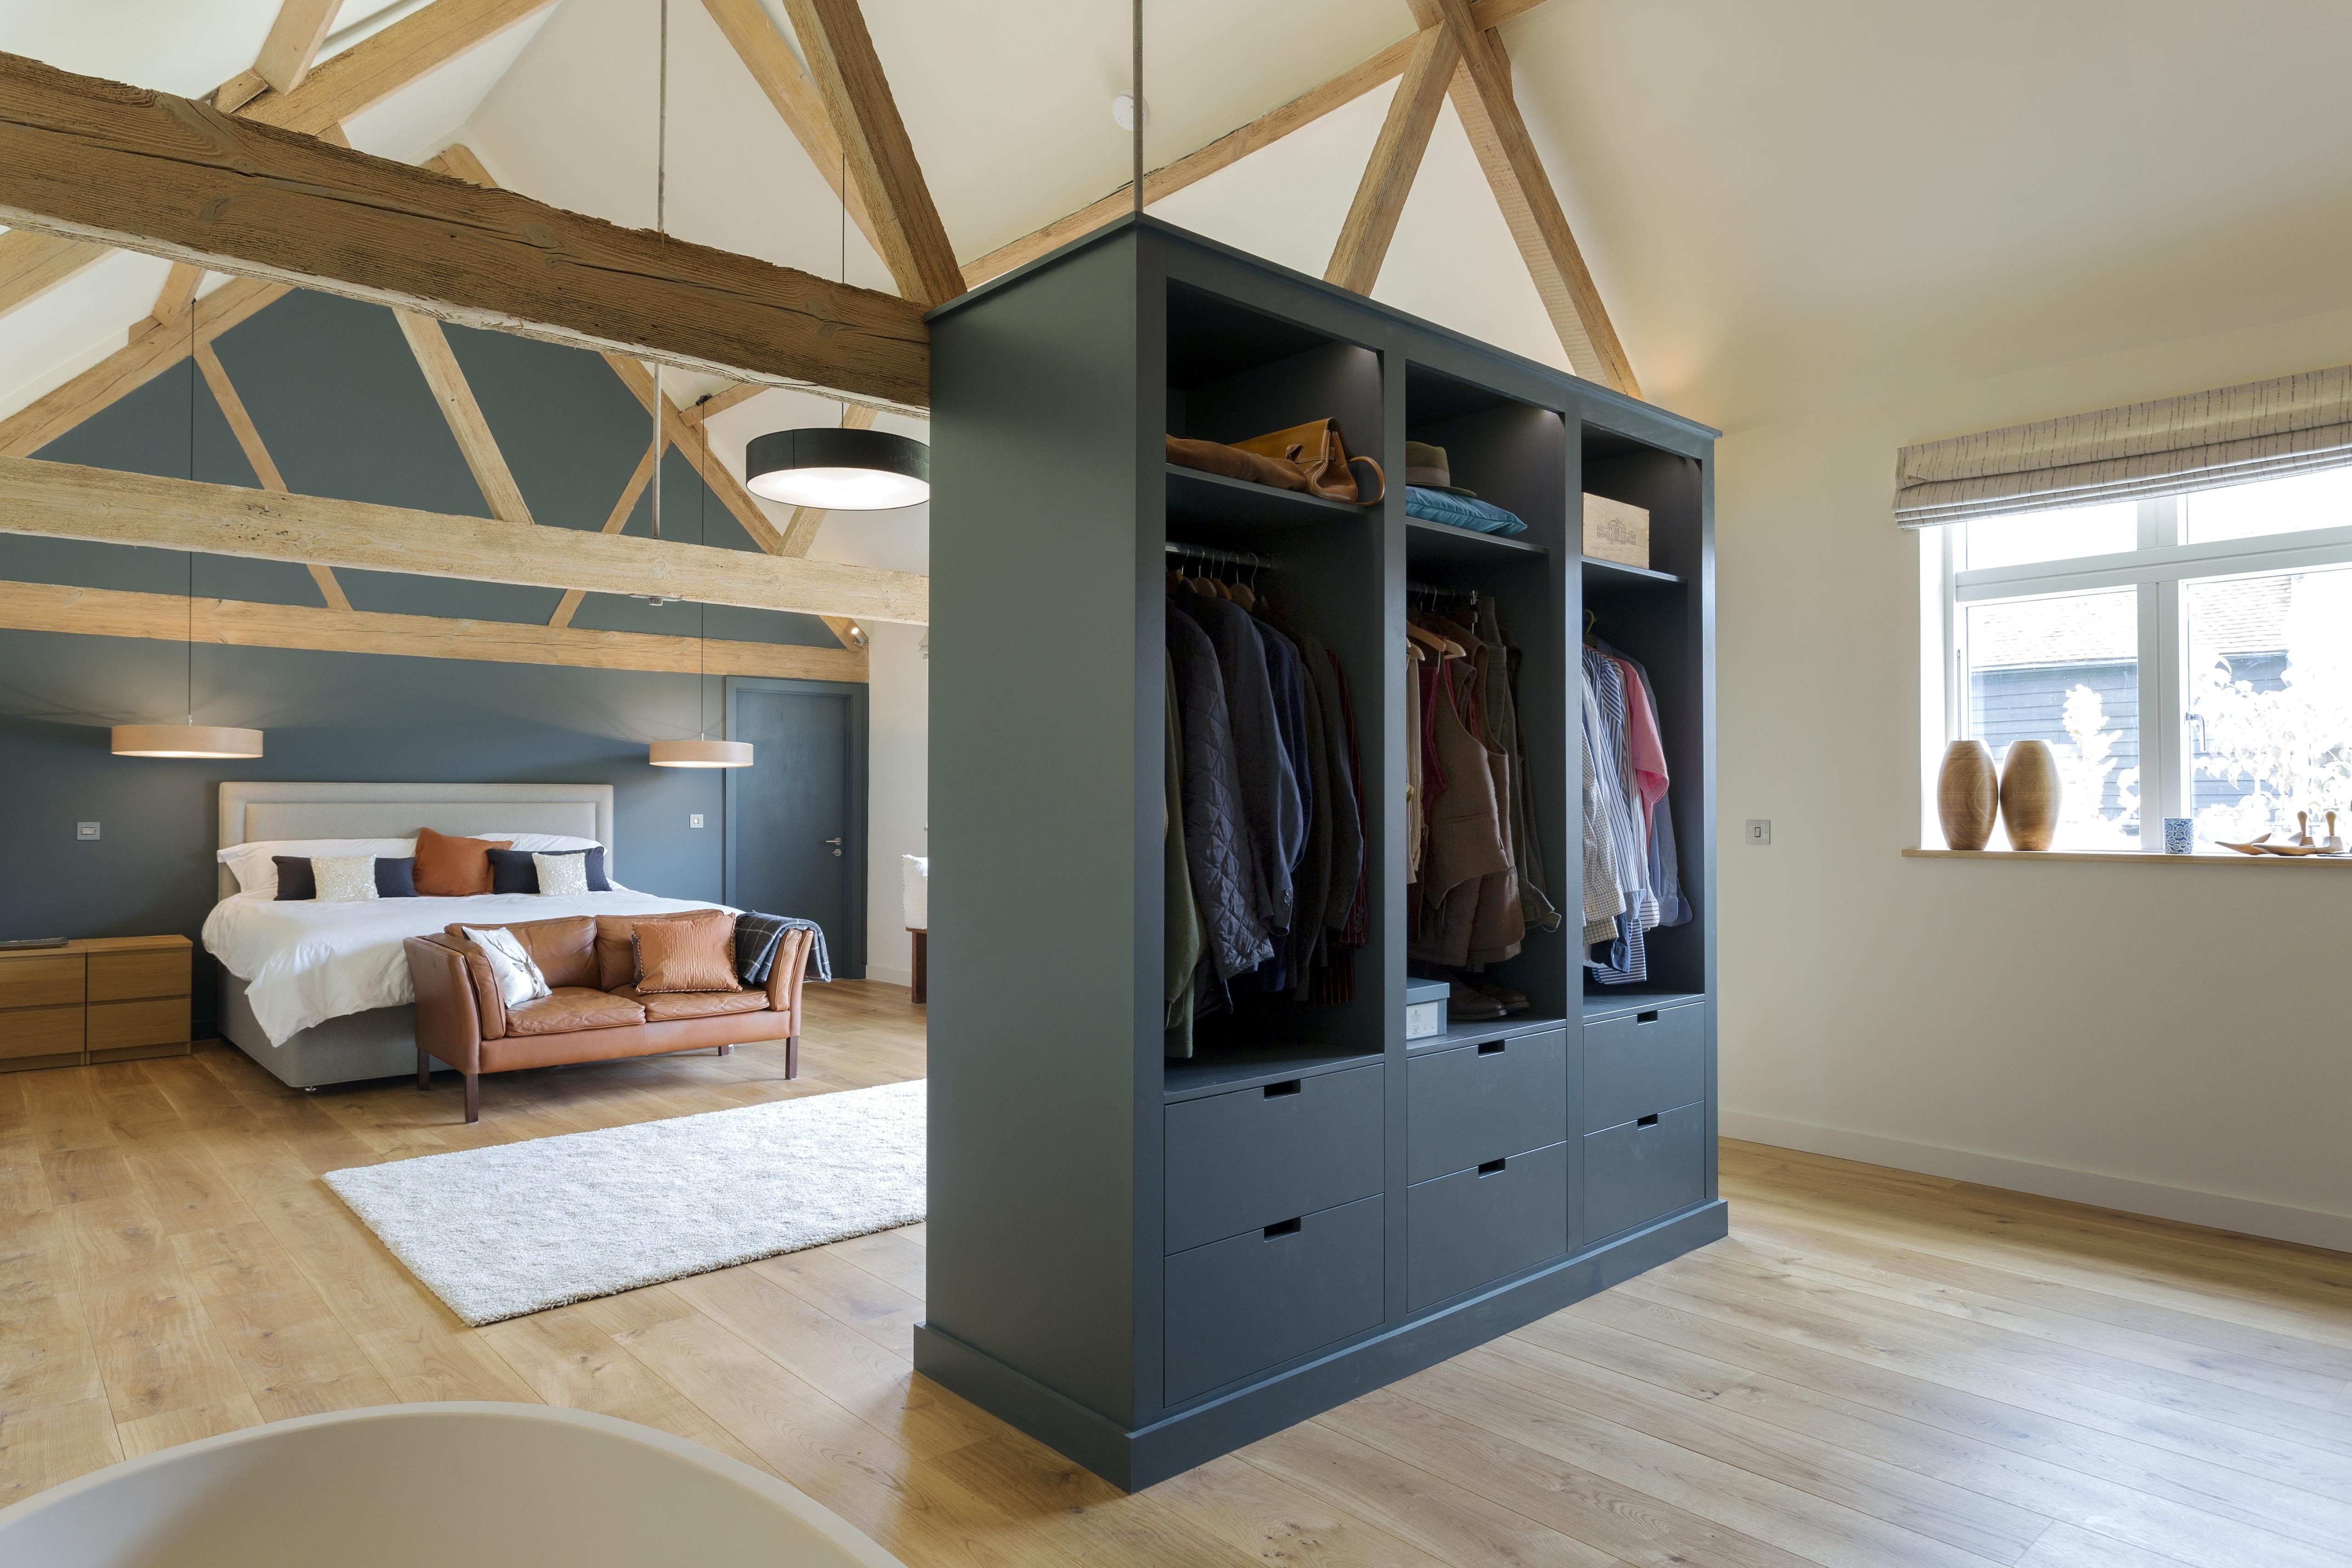 Claves para elegir el armario ideal para tu dormitorio